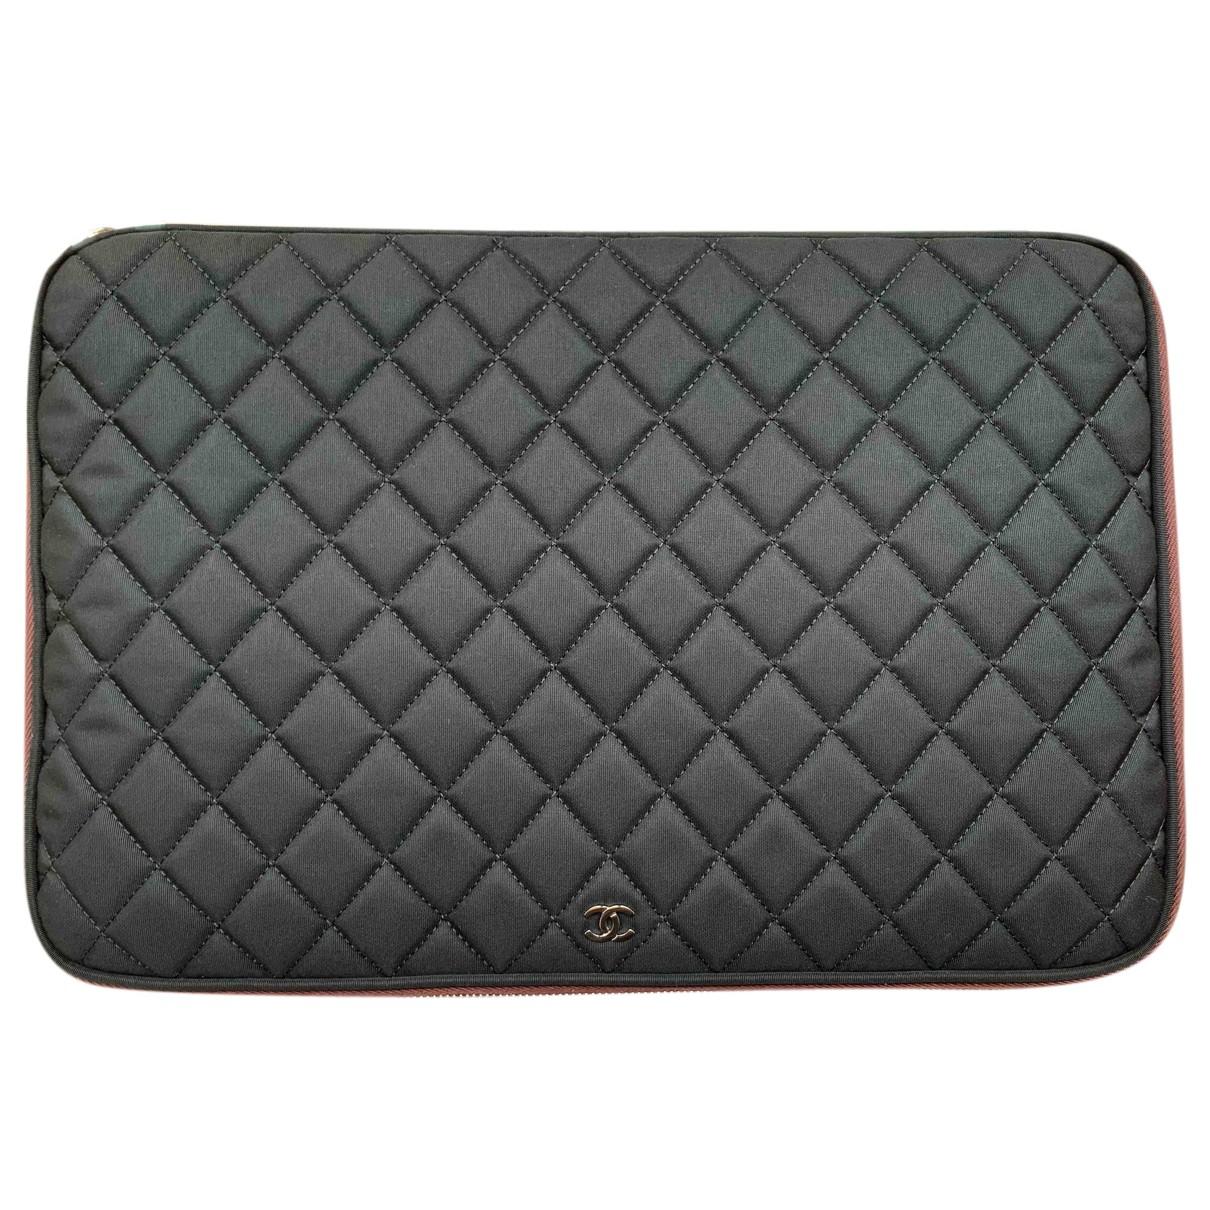 Chanel - Accessoires   pour lifestyle - noir